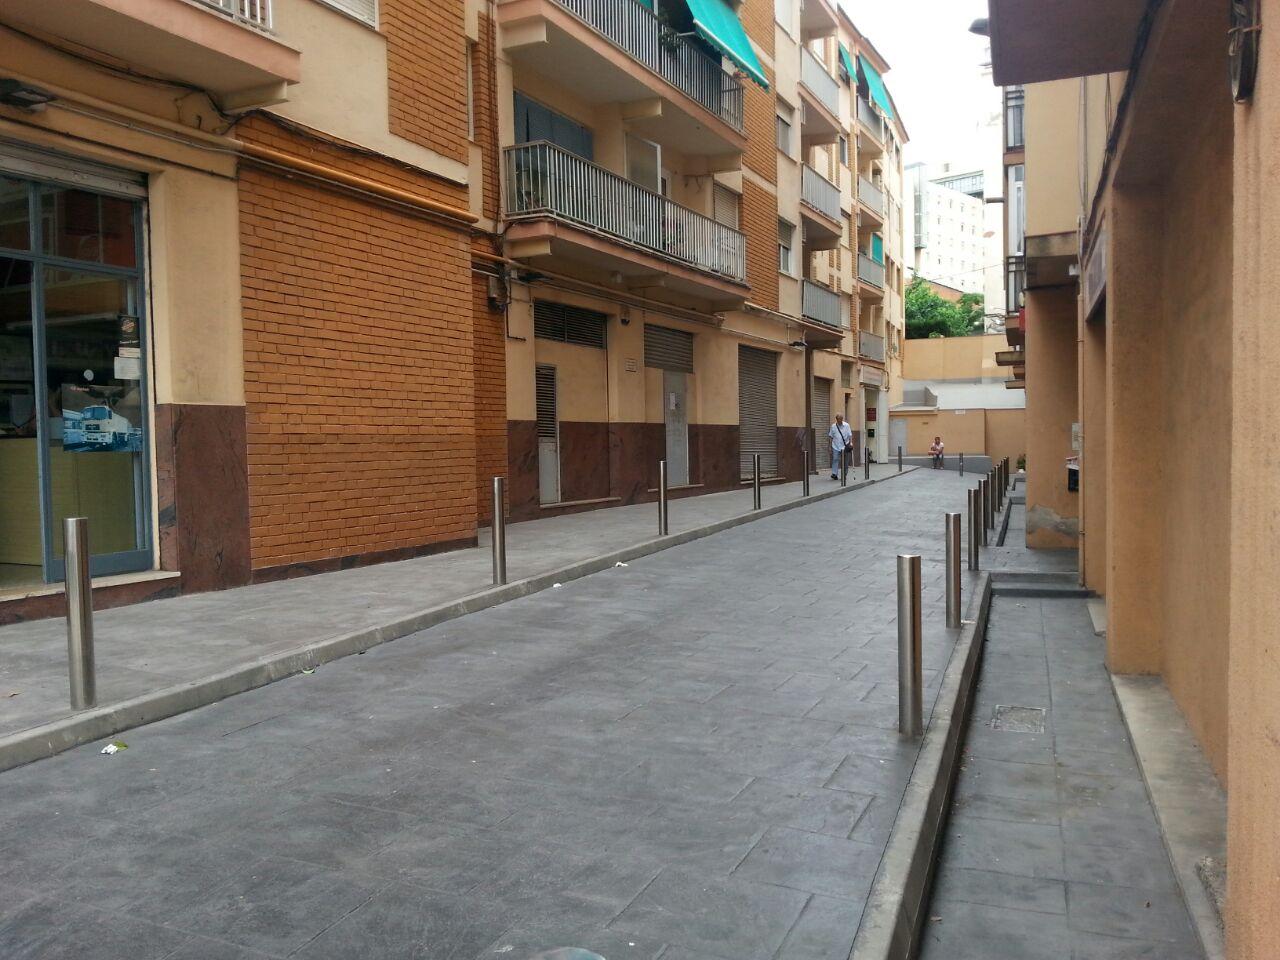 Alquiler Parking coche  Avinguda del principat d'andorra. Se alquilan plazas de aparcamiento individuales av.andorra nº15